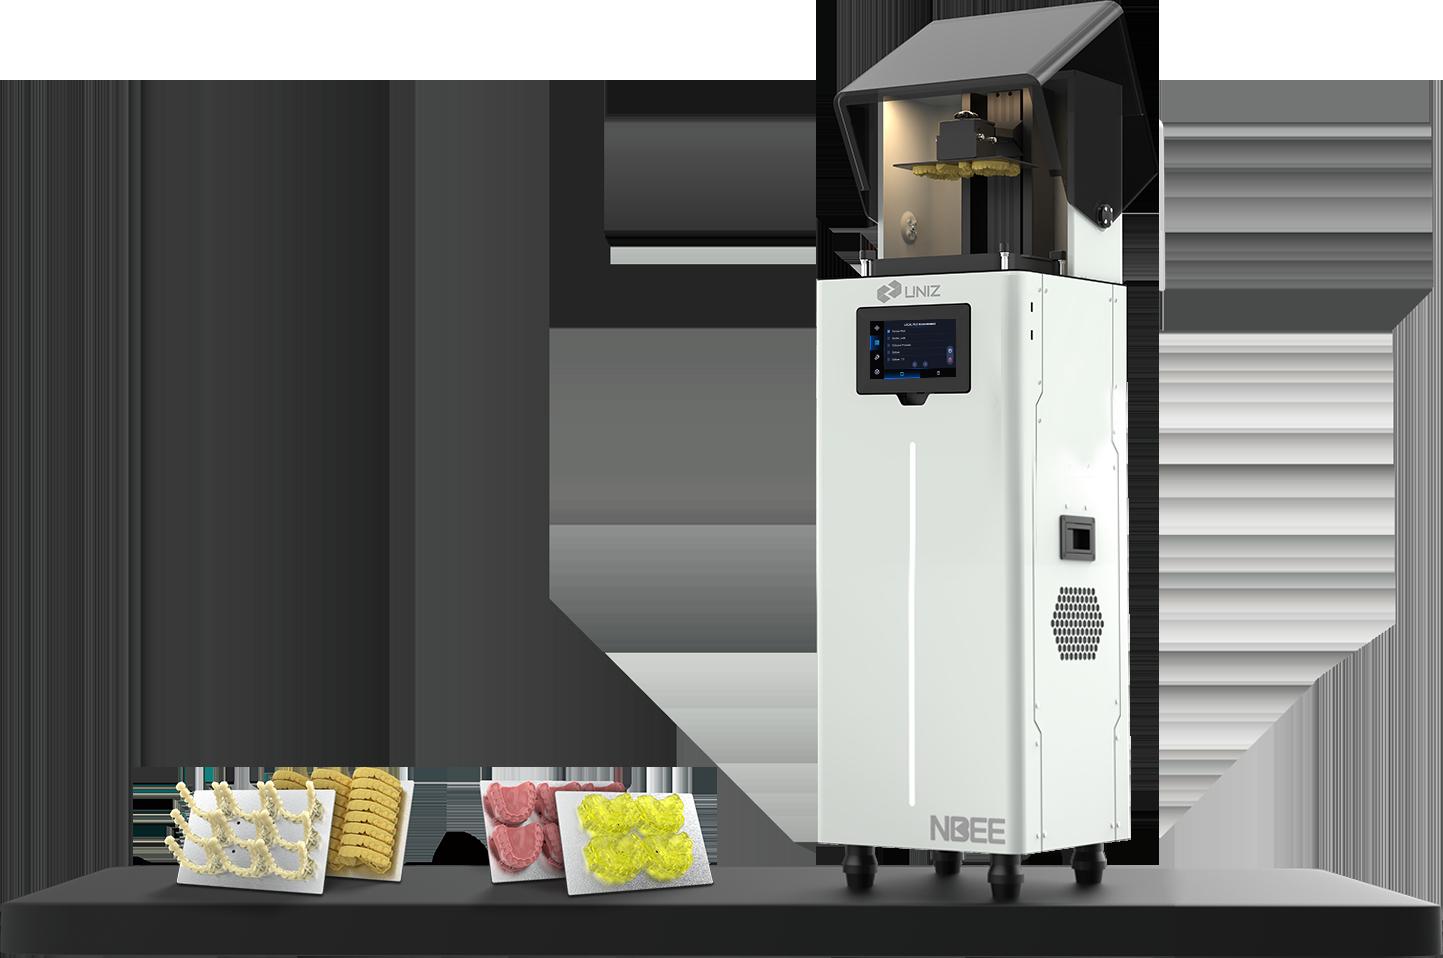 NBEE, 3D Printer, NBEE, UNIZ NBEE